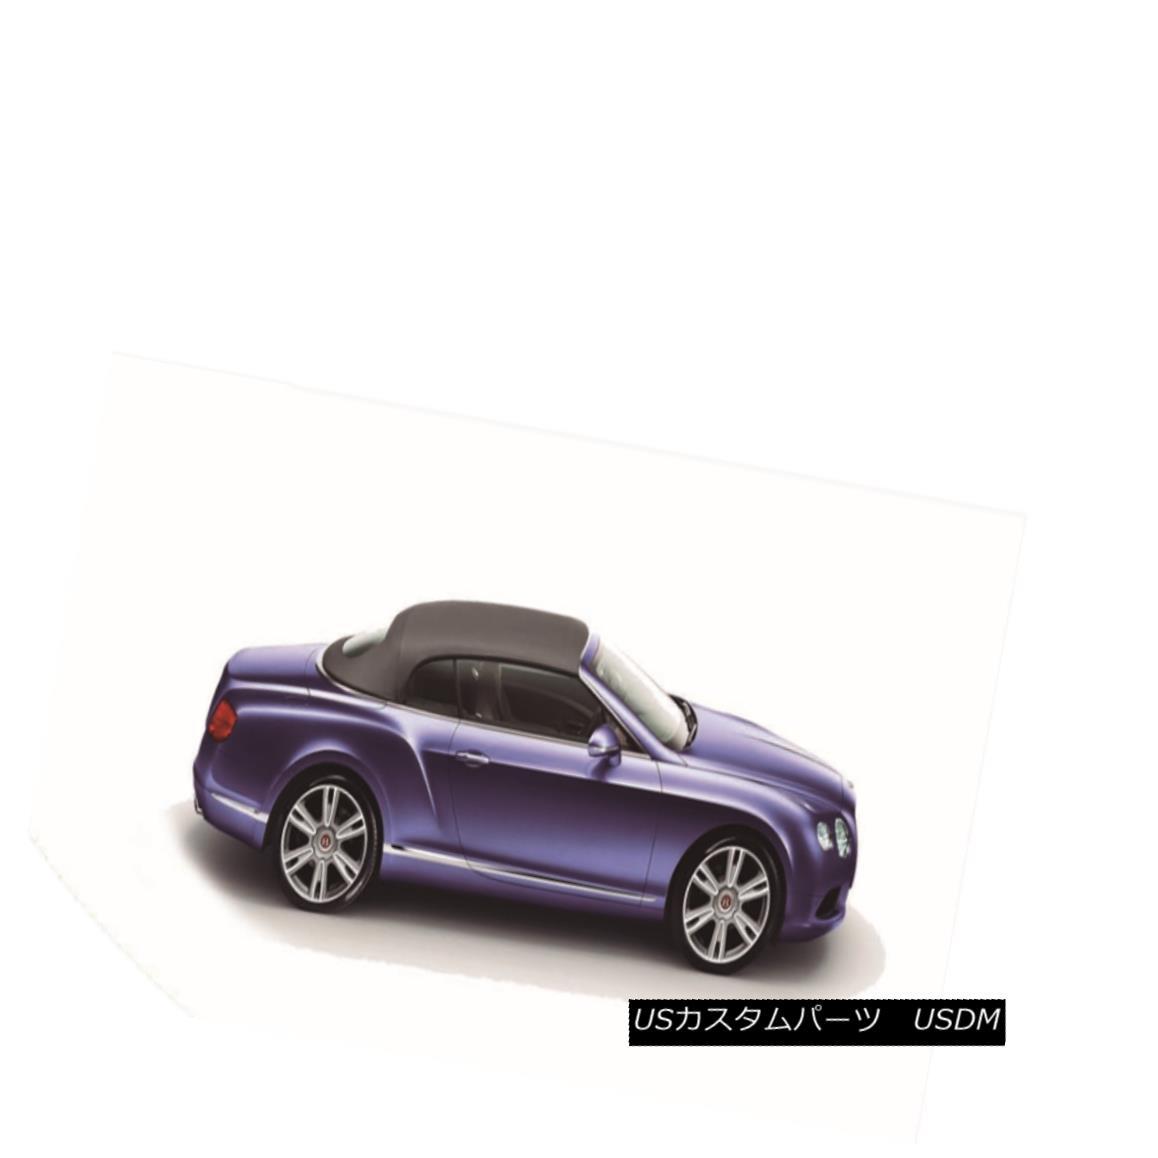 幌・ソフトトップ 2007-2014 Bentley GT GTC Replacement Convertible Soft Top Bordeaux Twlfst RPC 2007-2014ベントレーGT GTC交換コンバーチブルソフトトップボルドーTwlfst RPC